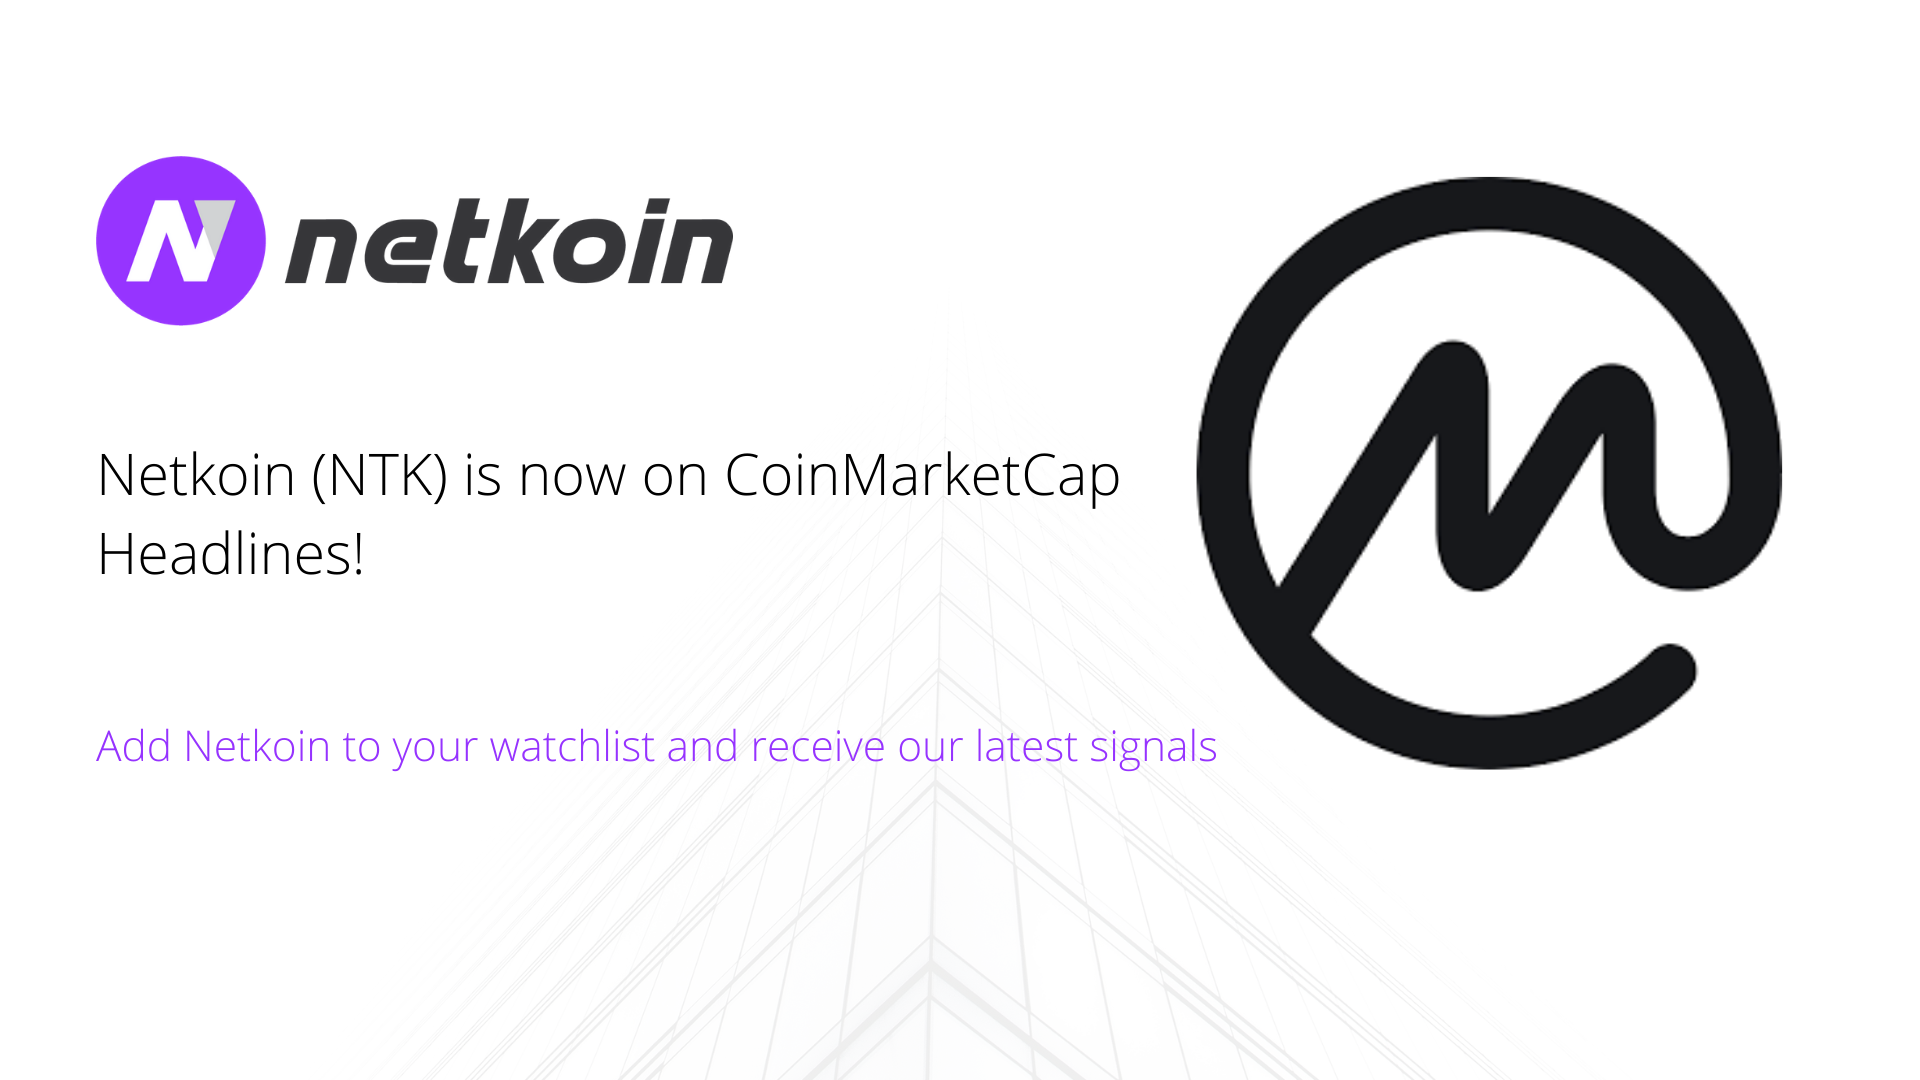 Netkoin is now on CoinMarketCap Headlines!